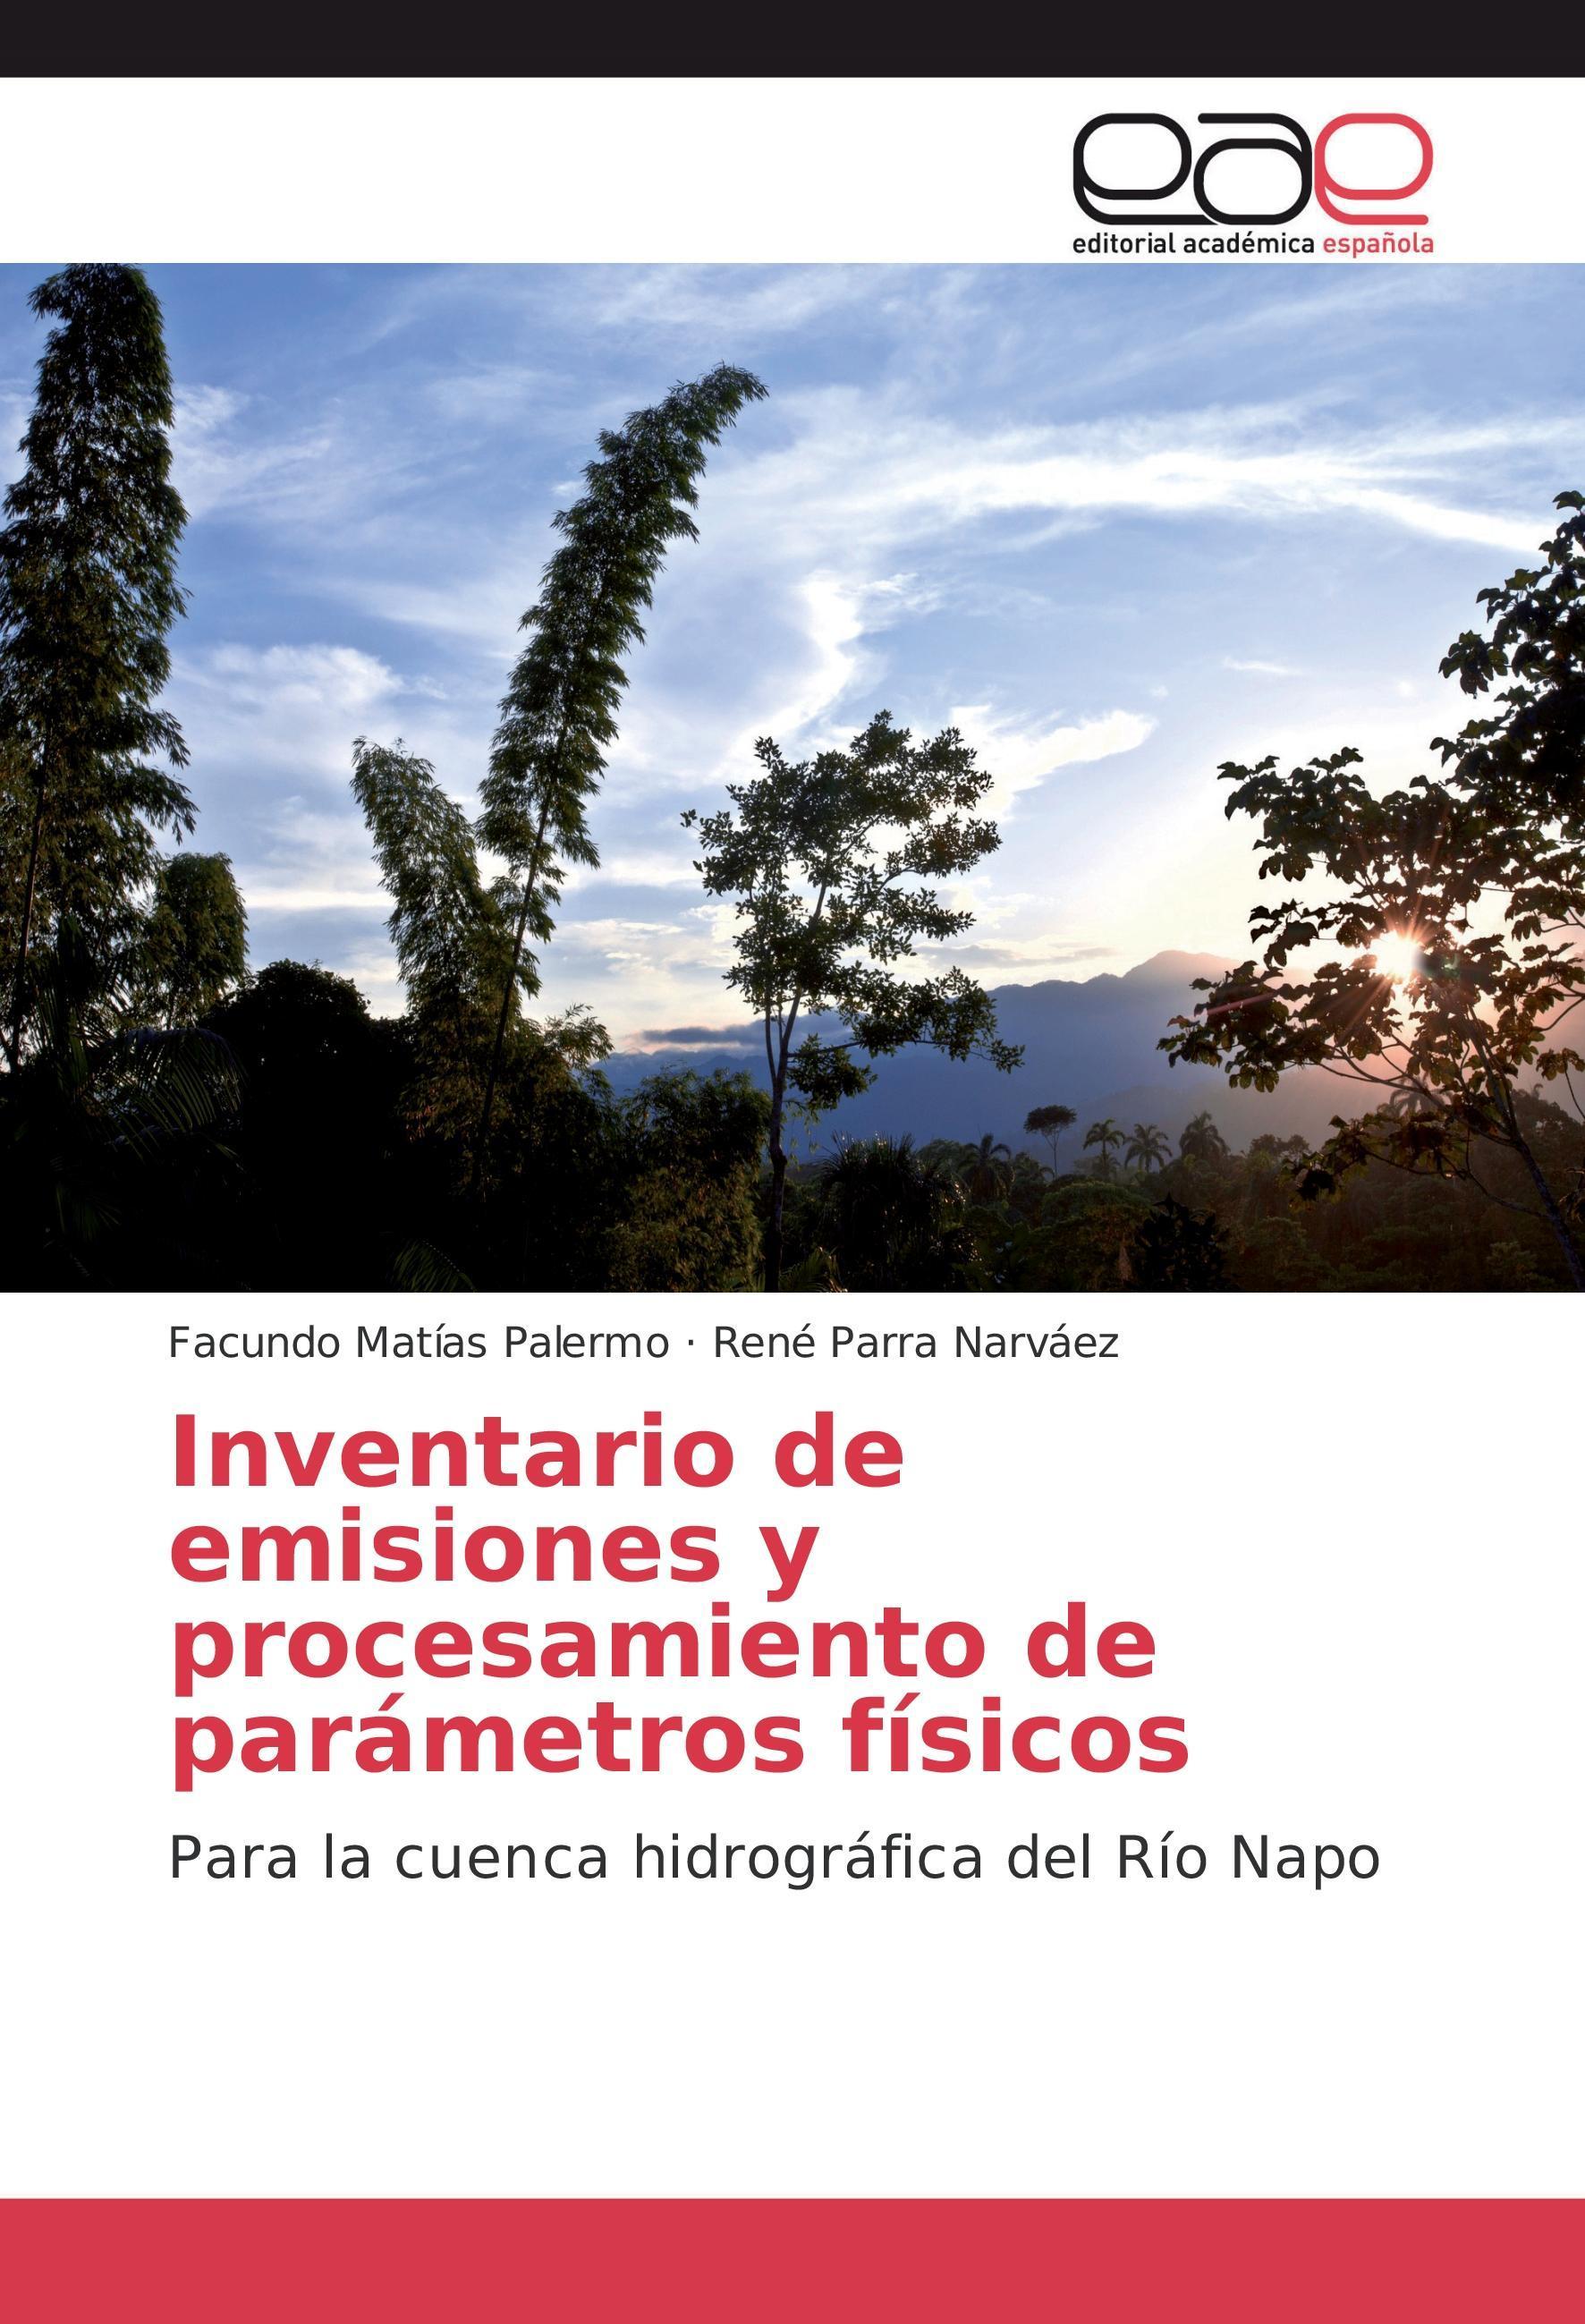 Inventario de emisiones y procesamiento de parámetros físico ... 9783659701115